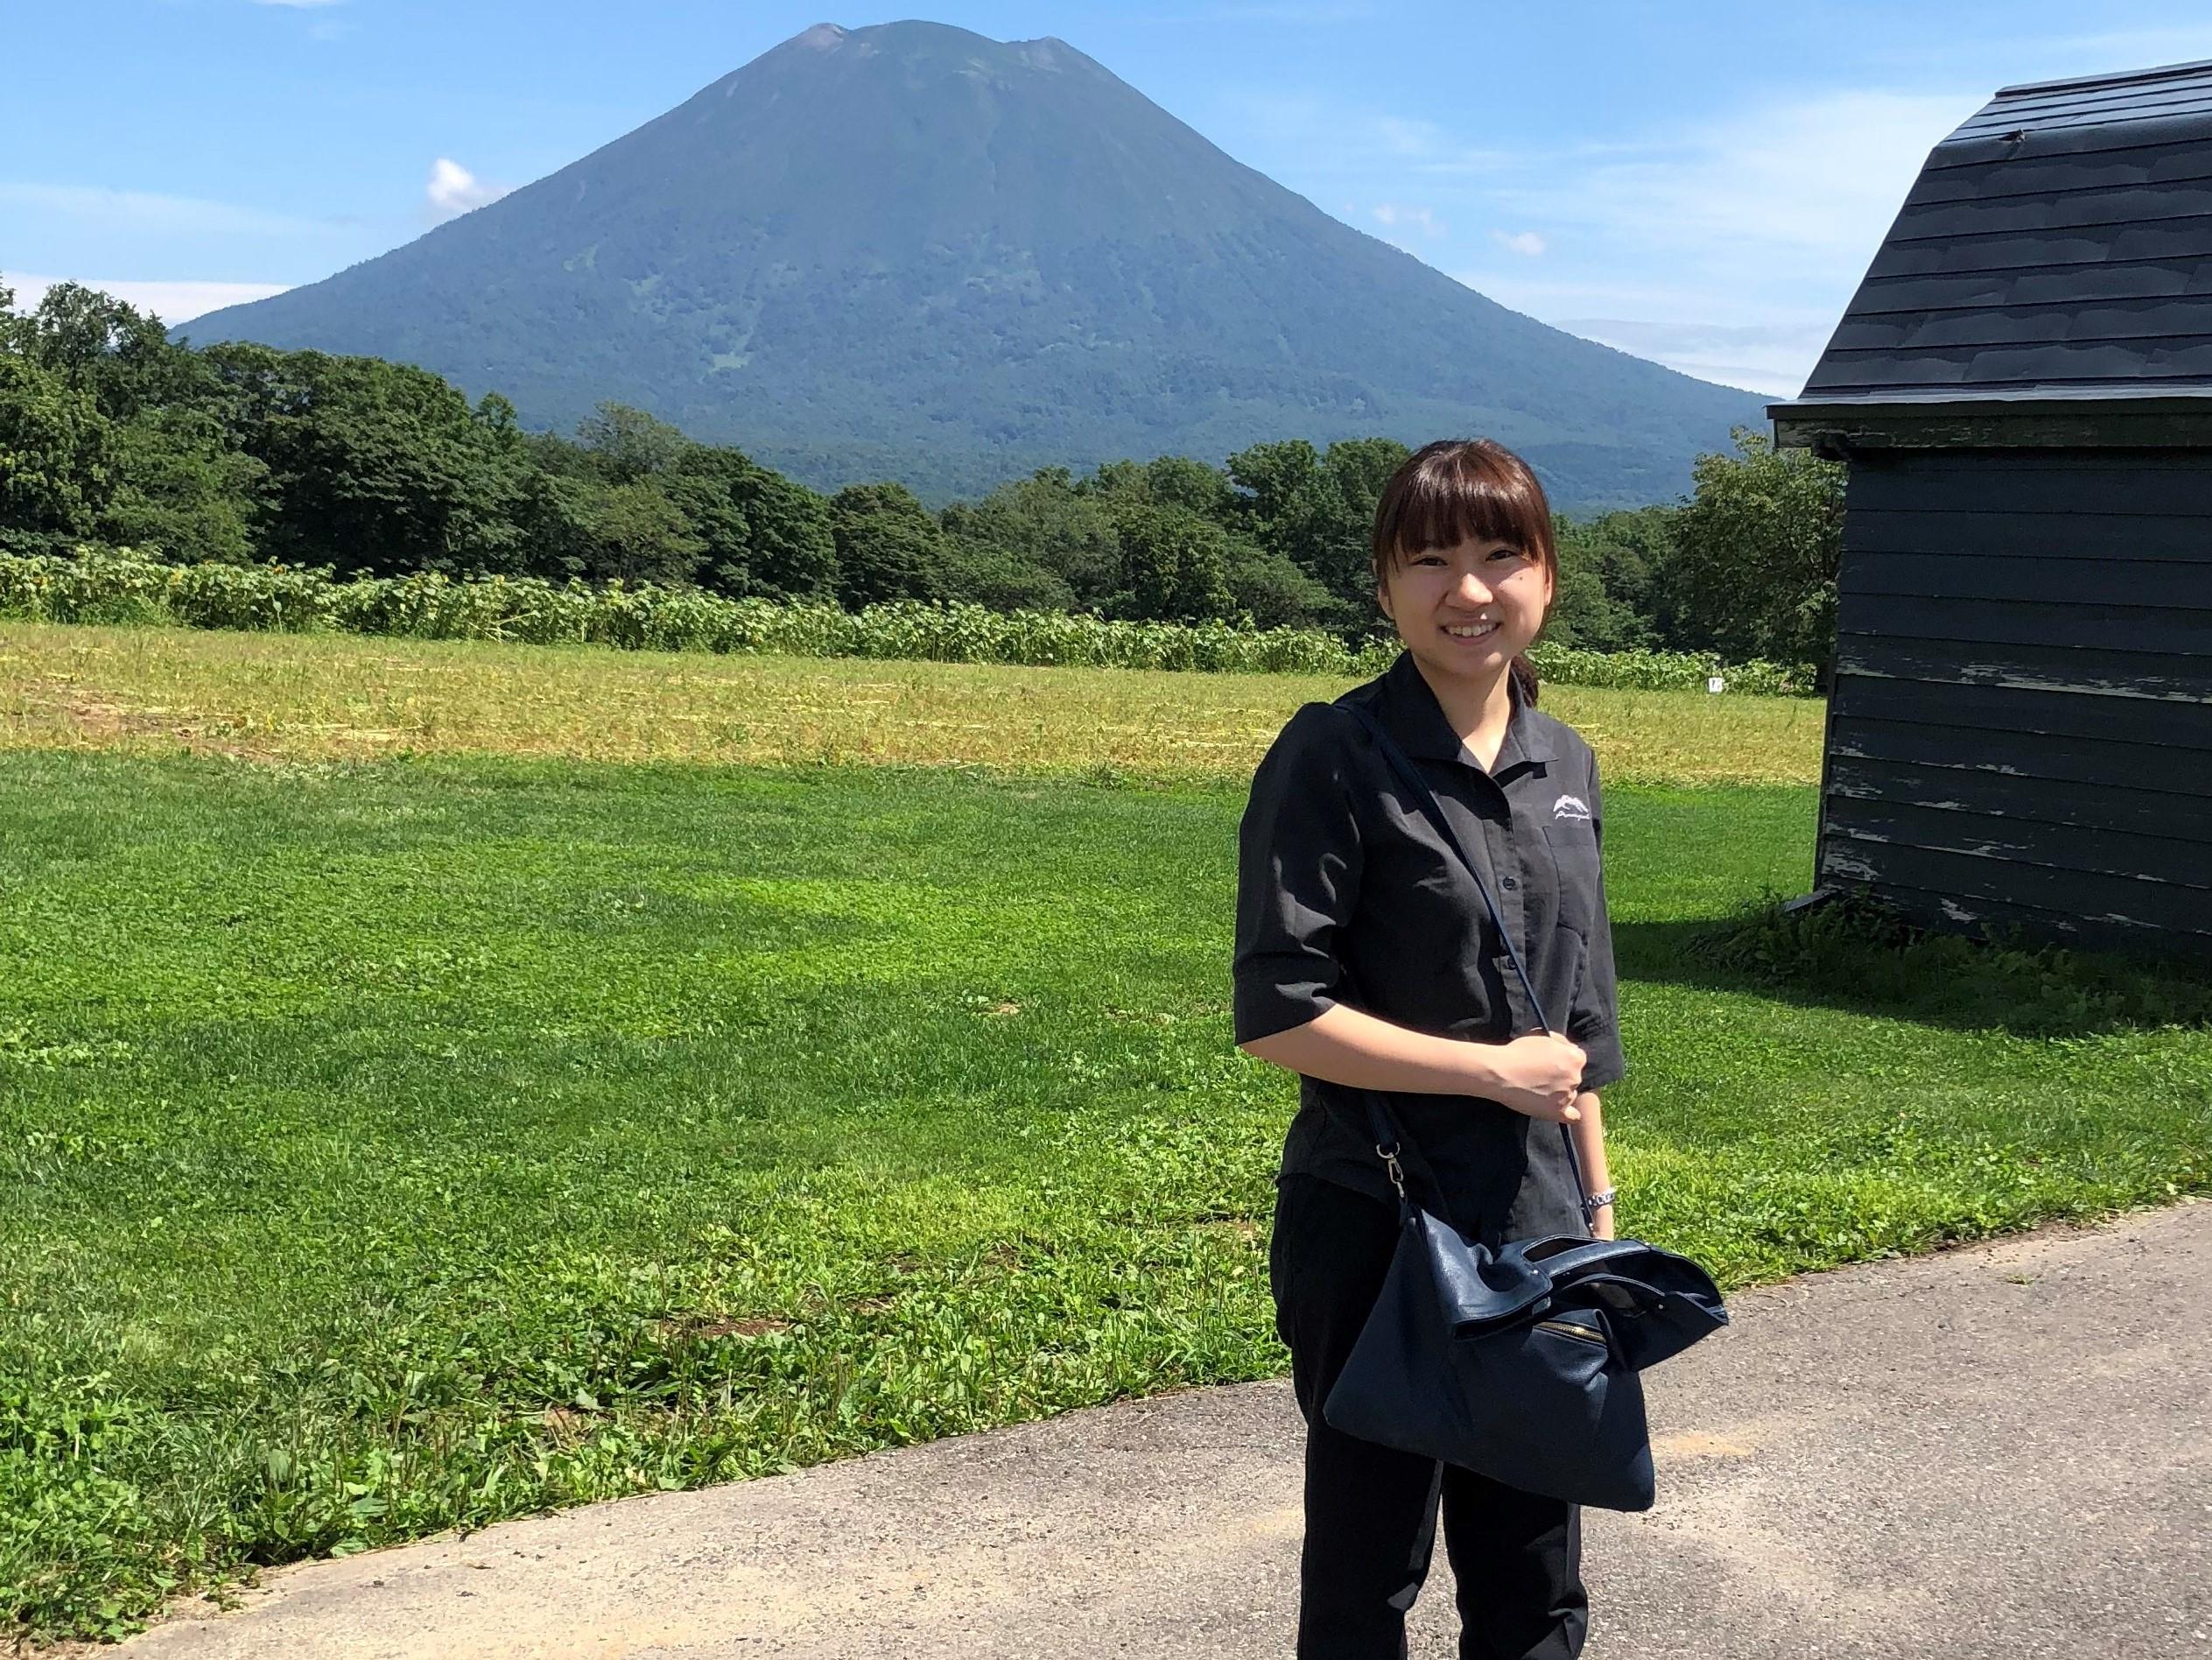 (北海道/ニセコ)丁寧なサポートで安心してリゾートバイトへ行けました。